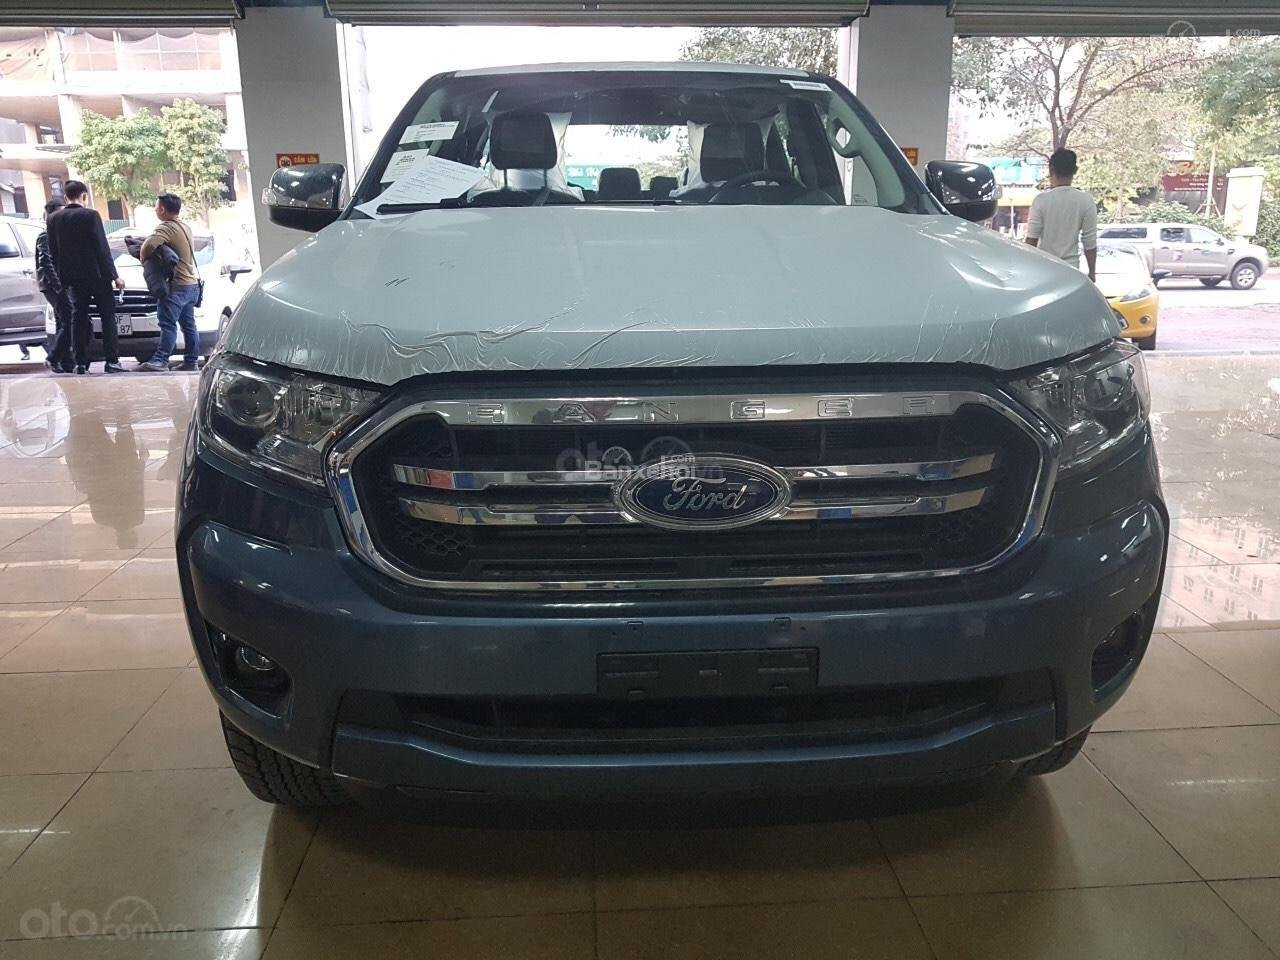 Hà Nam Ford bán các dòng bán tải Ford Ranger 2019, giá chỉ từ 580tr. LH 0974286009 (1)